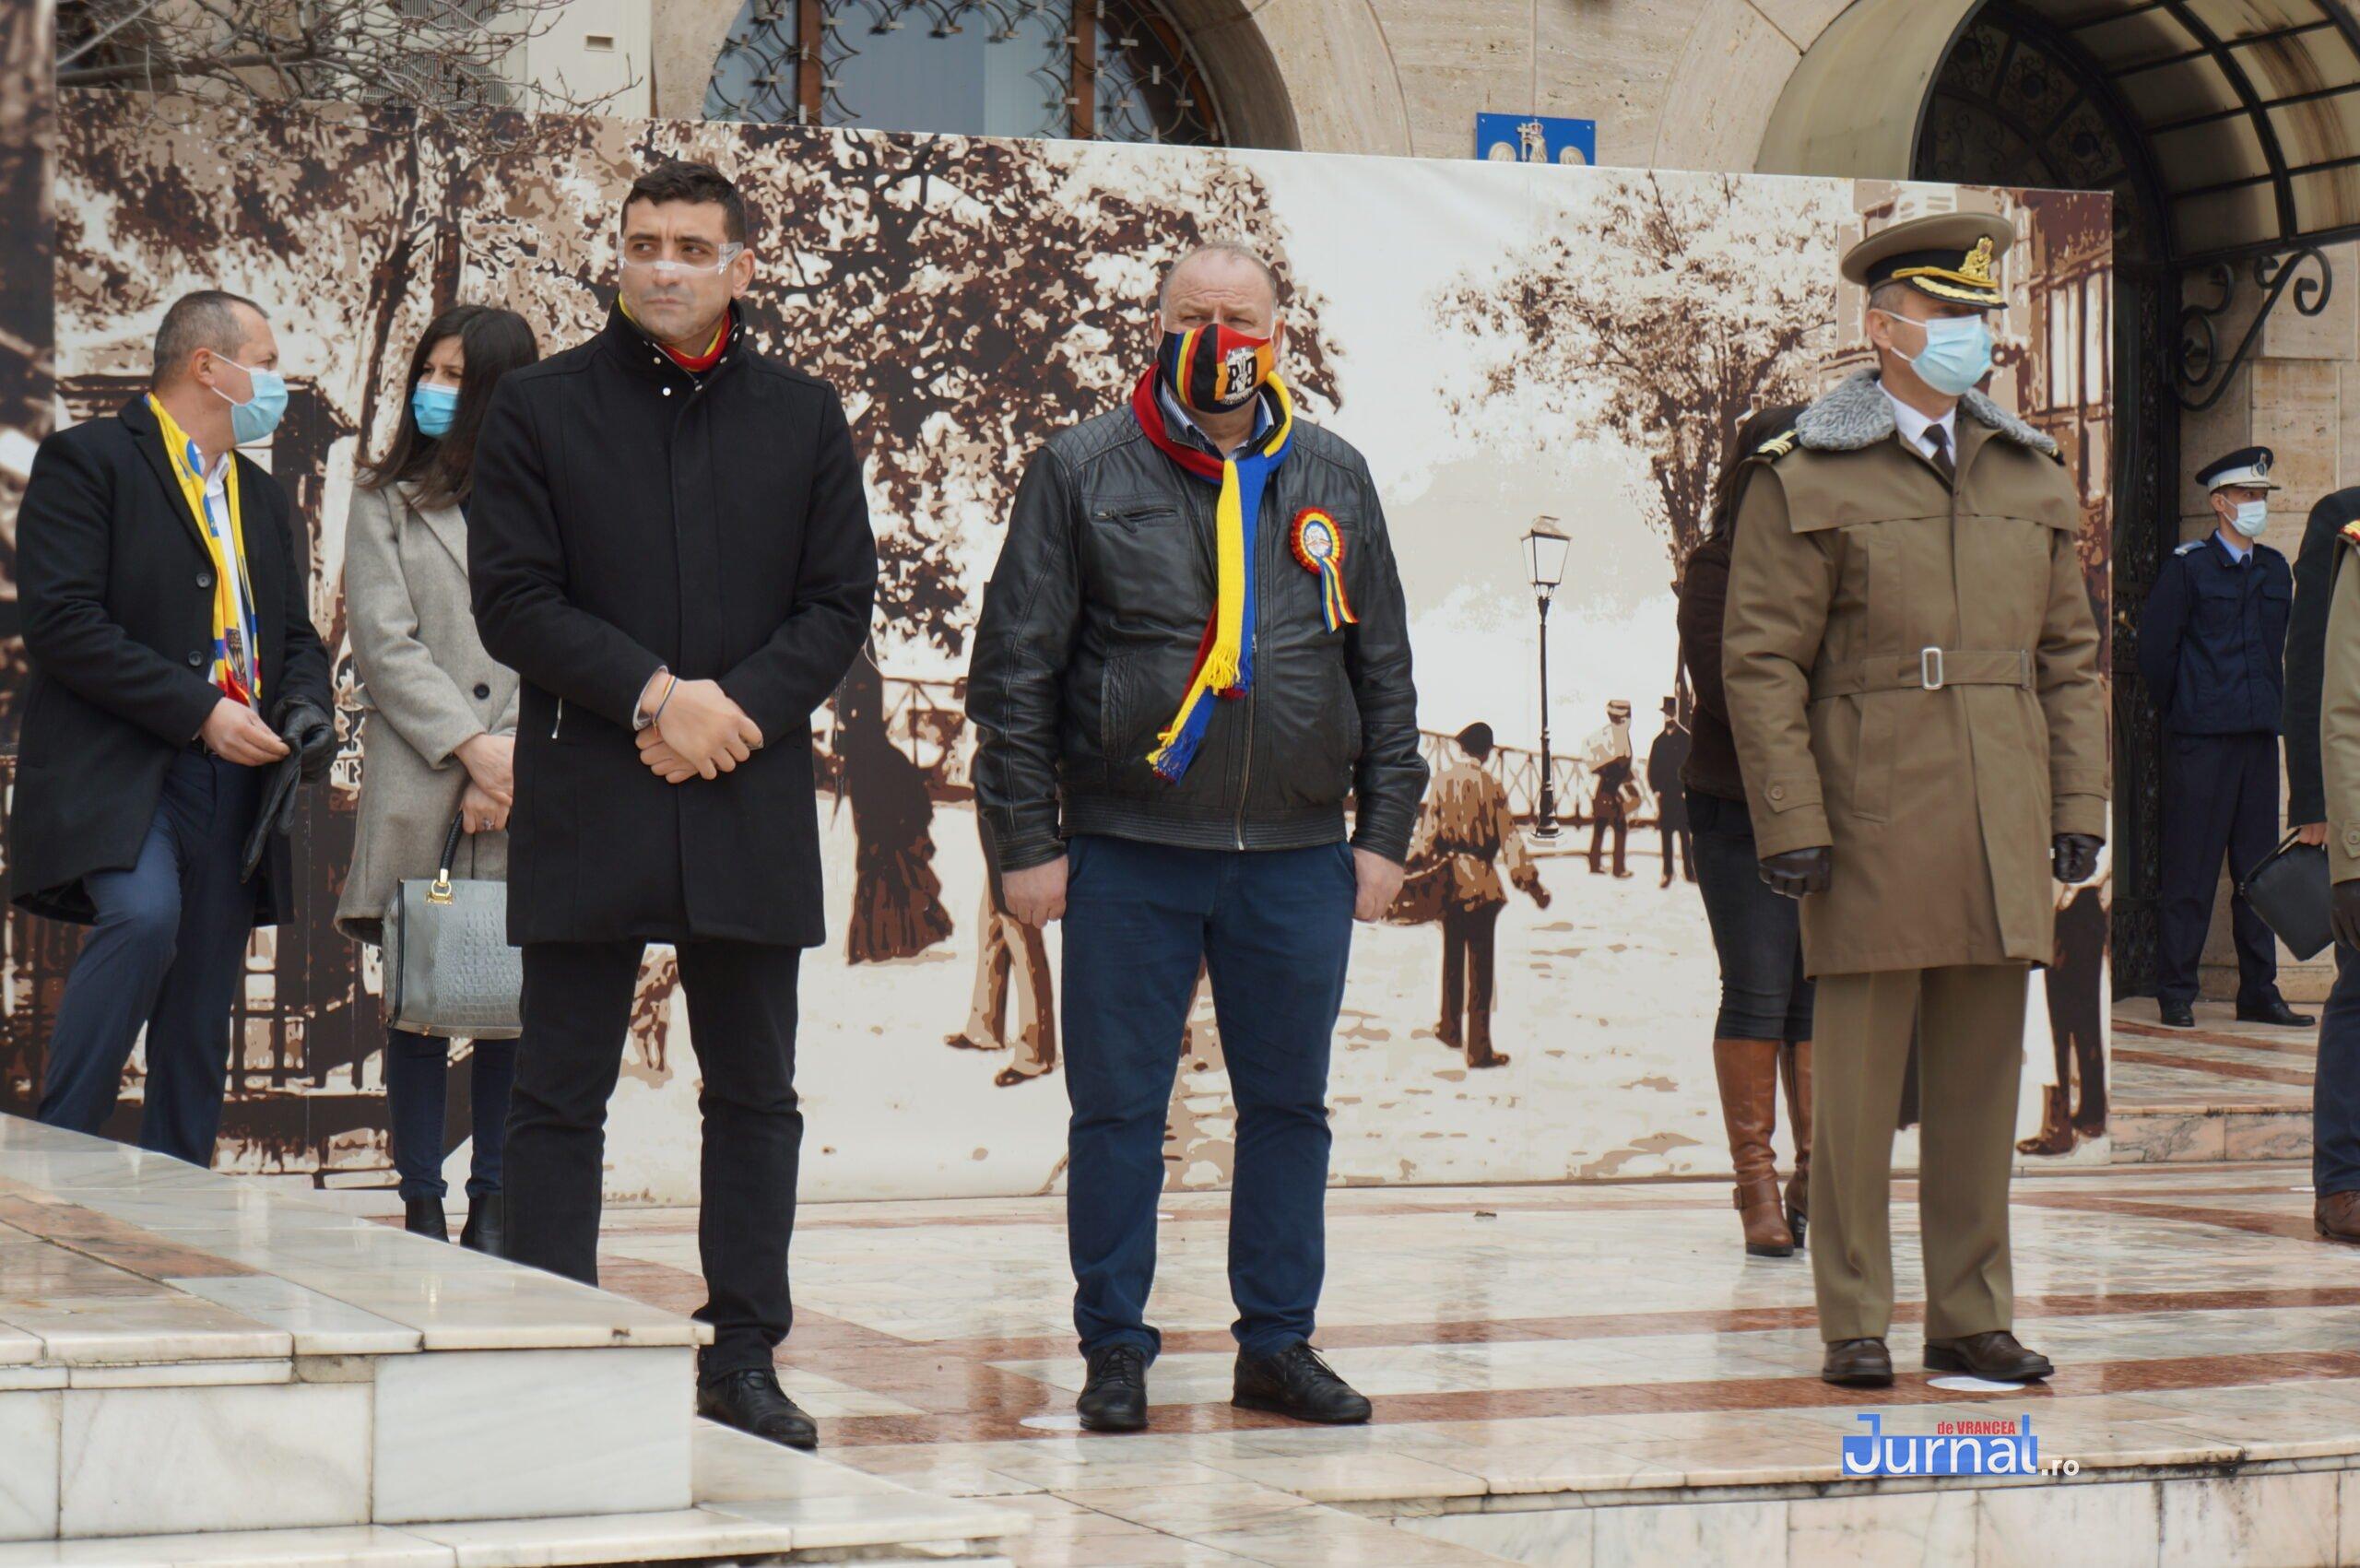 24 ianuarie 2021 2 scaled - VIDEO și FOTO! Ziua Unirii sărbătorită în regim de pandemie la Focșani